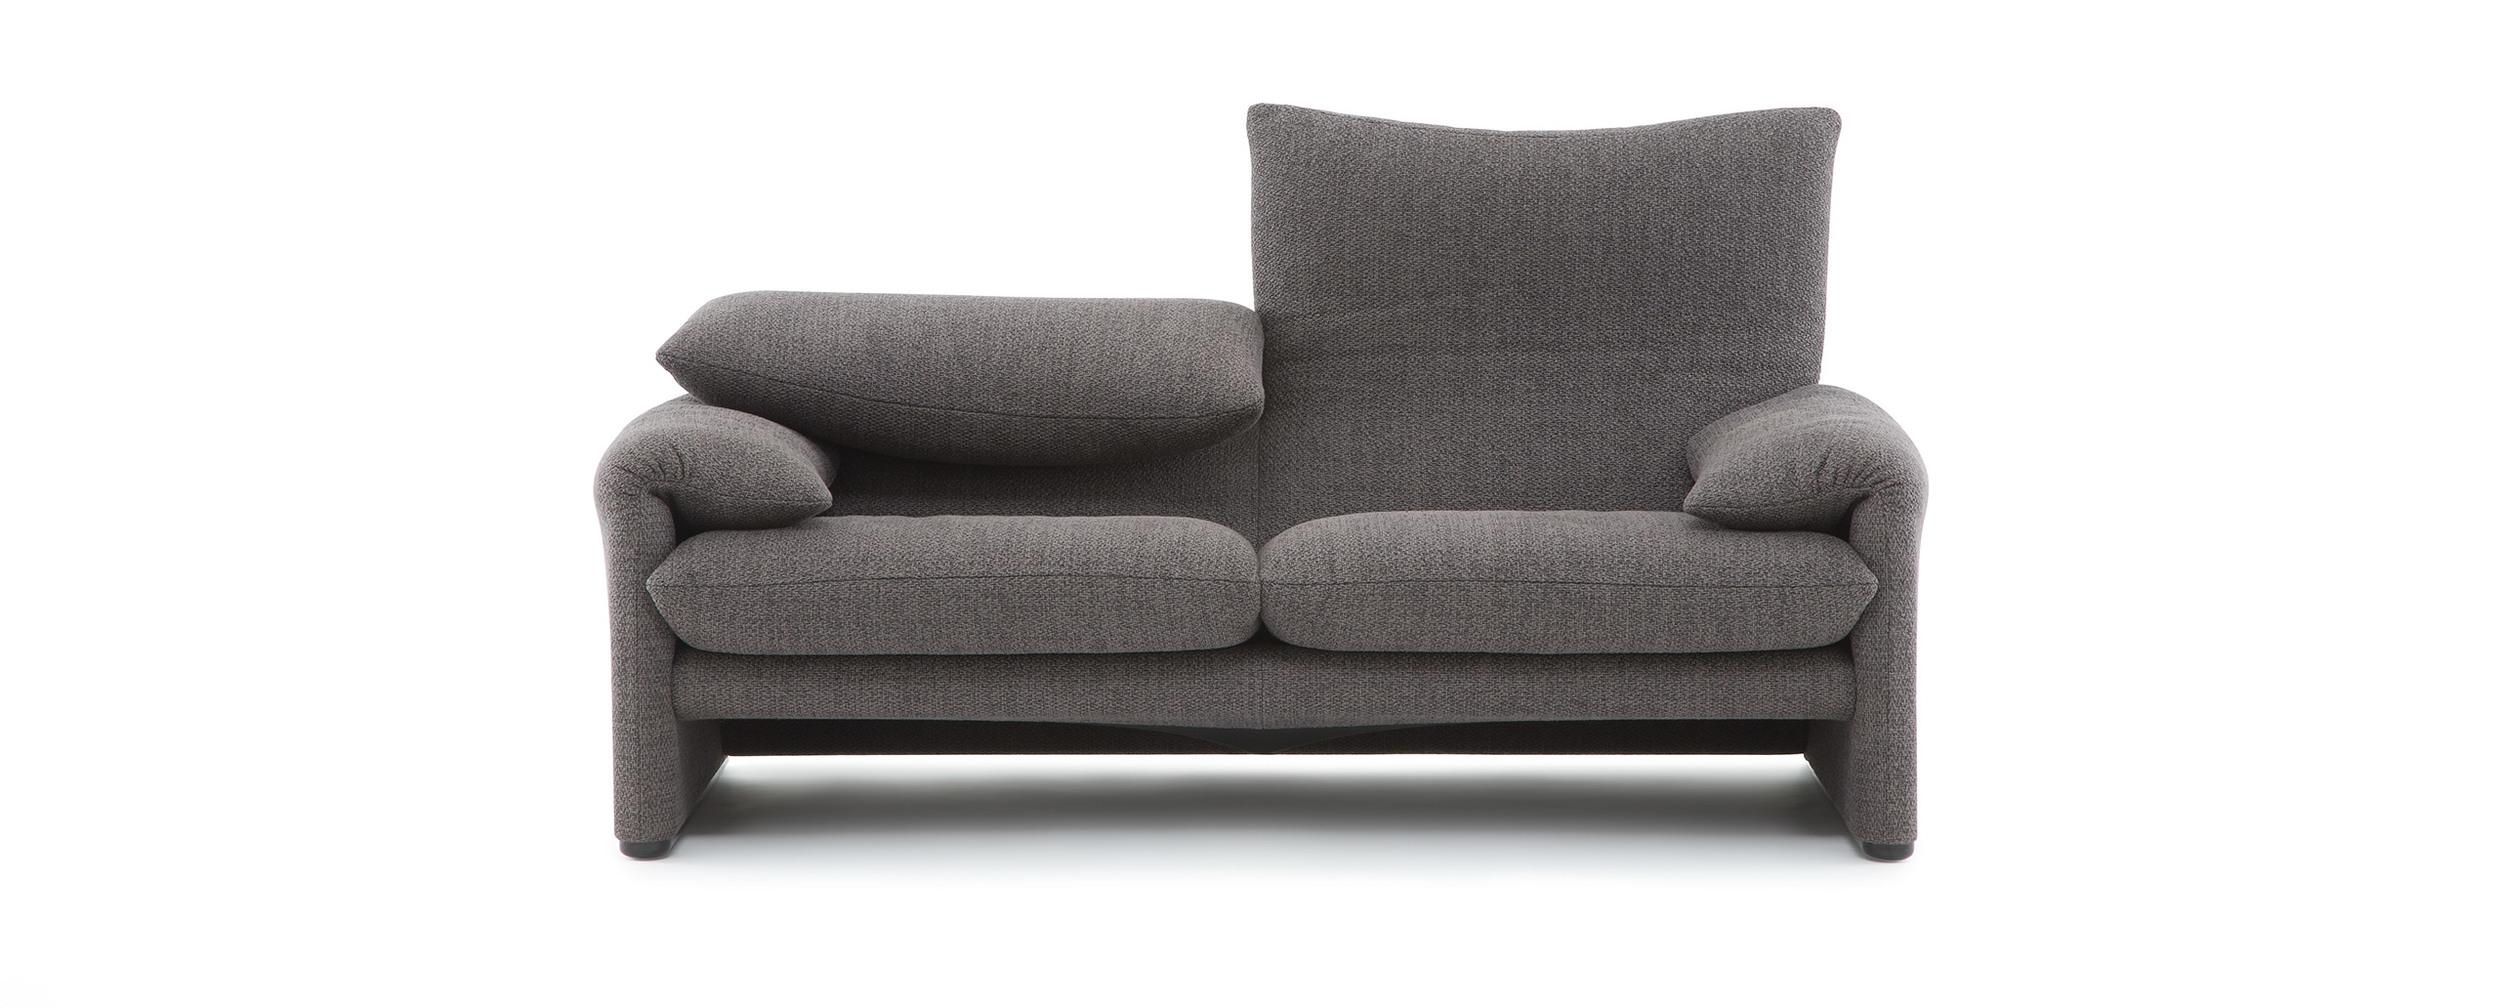 675_maralunga_9 Cassina Loncin design meubel zetel Leuven Brussels mechelen antwerpen vlaams-branbant Limburg Hasselt Tongeren Genk Sint-Truiden Zoutleeuw.jpg